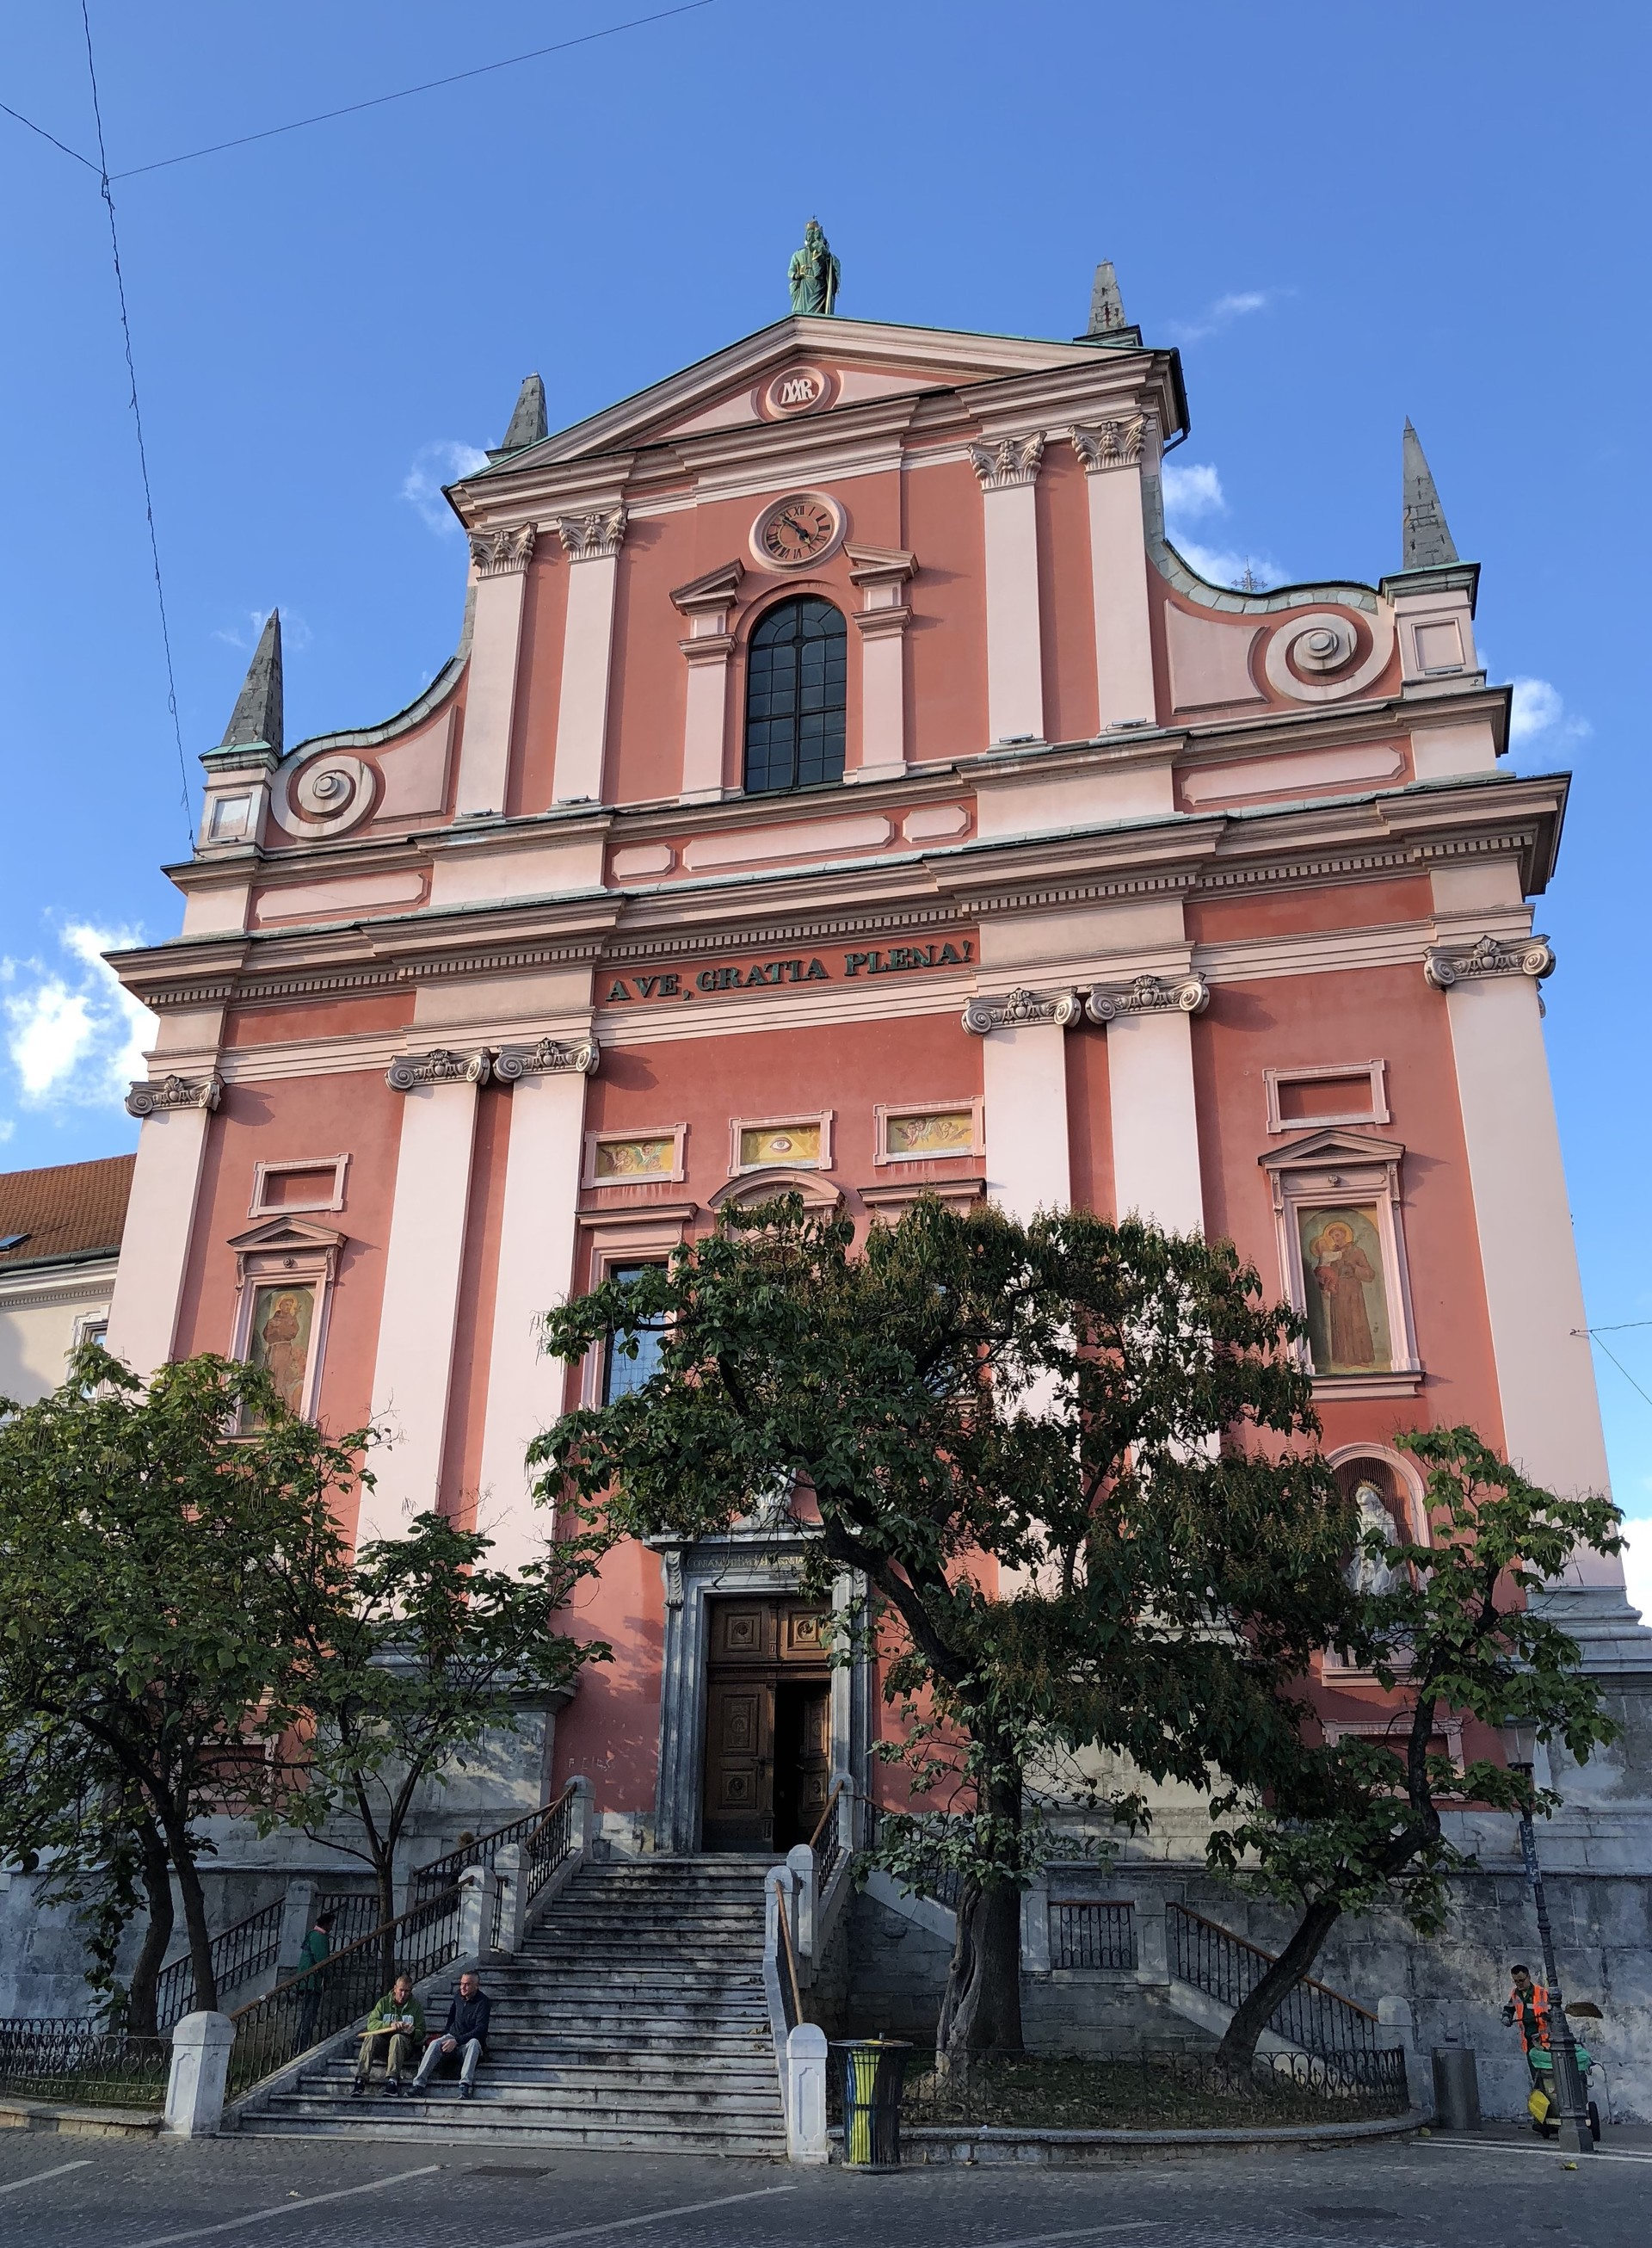 Experiência em de Erasmus em Liubliana, Eslovénia, por Margarida Esteves